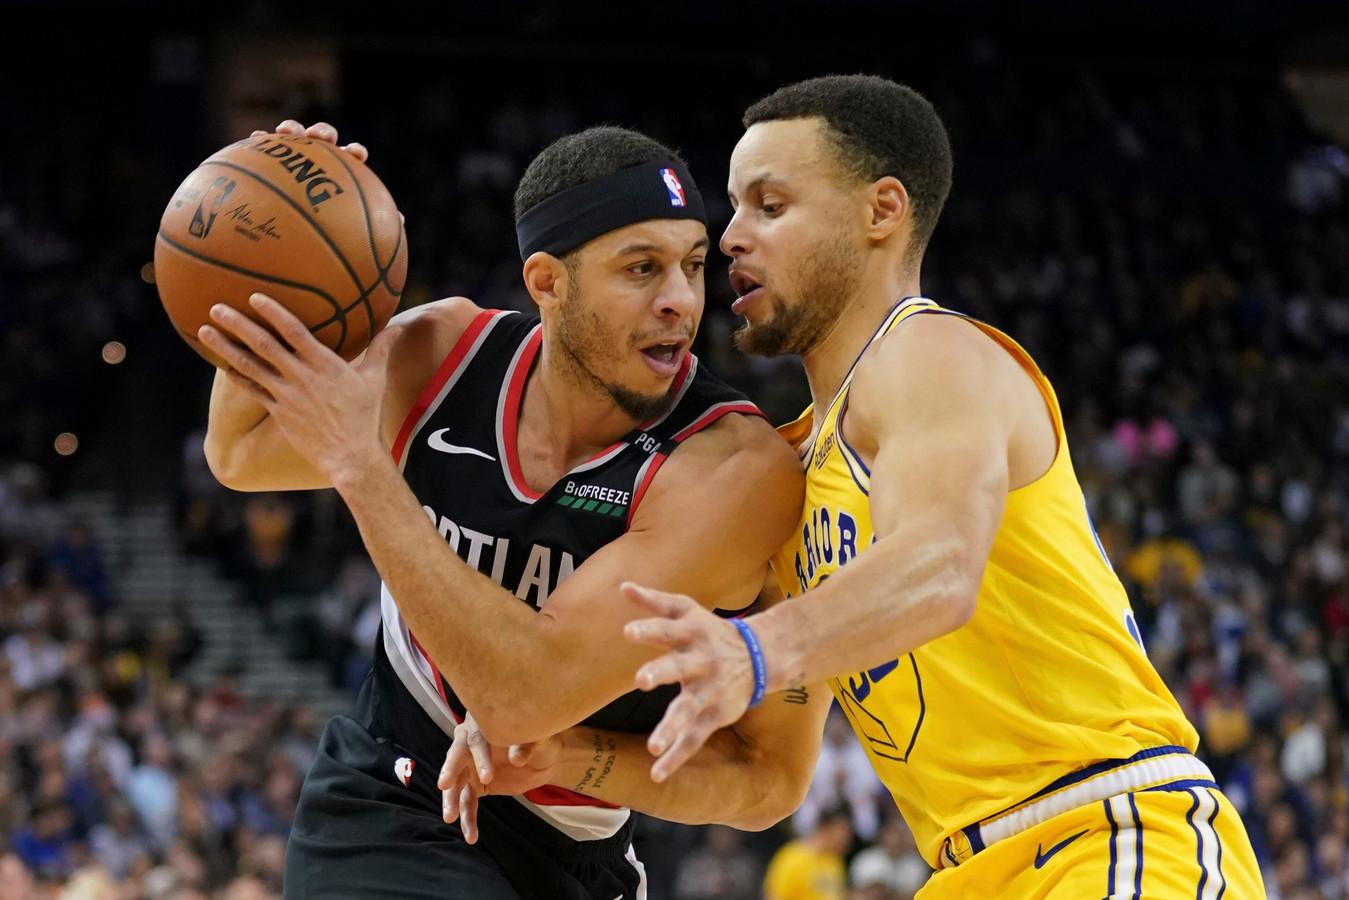 Seth Curry (links) in duel met zijn broer Stephen Curry eerder dit seizoen.